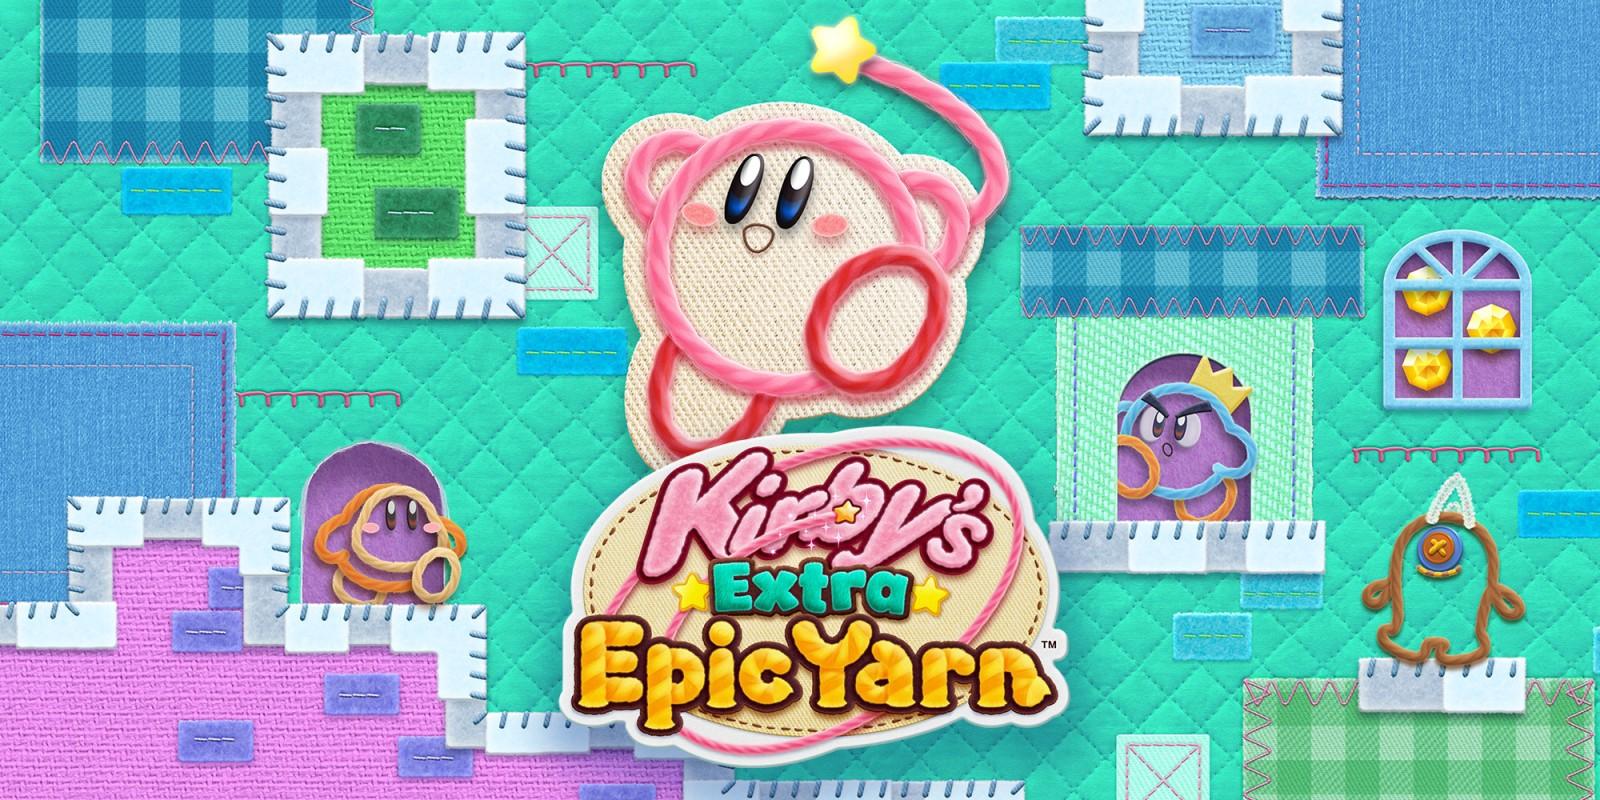 Kirby's Extra Epic Yarn: Confira um vídeo comparando o título de 3DS com o original de Wii